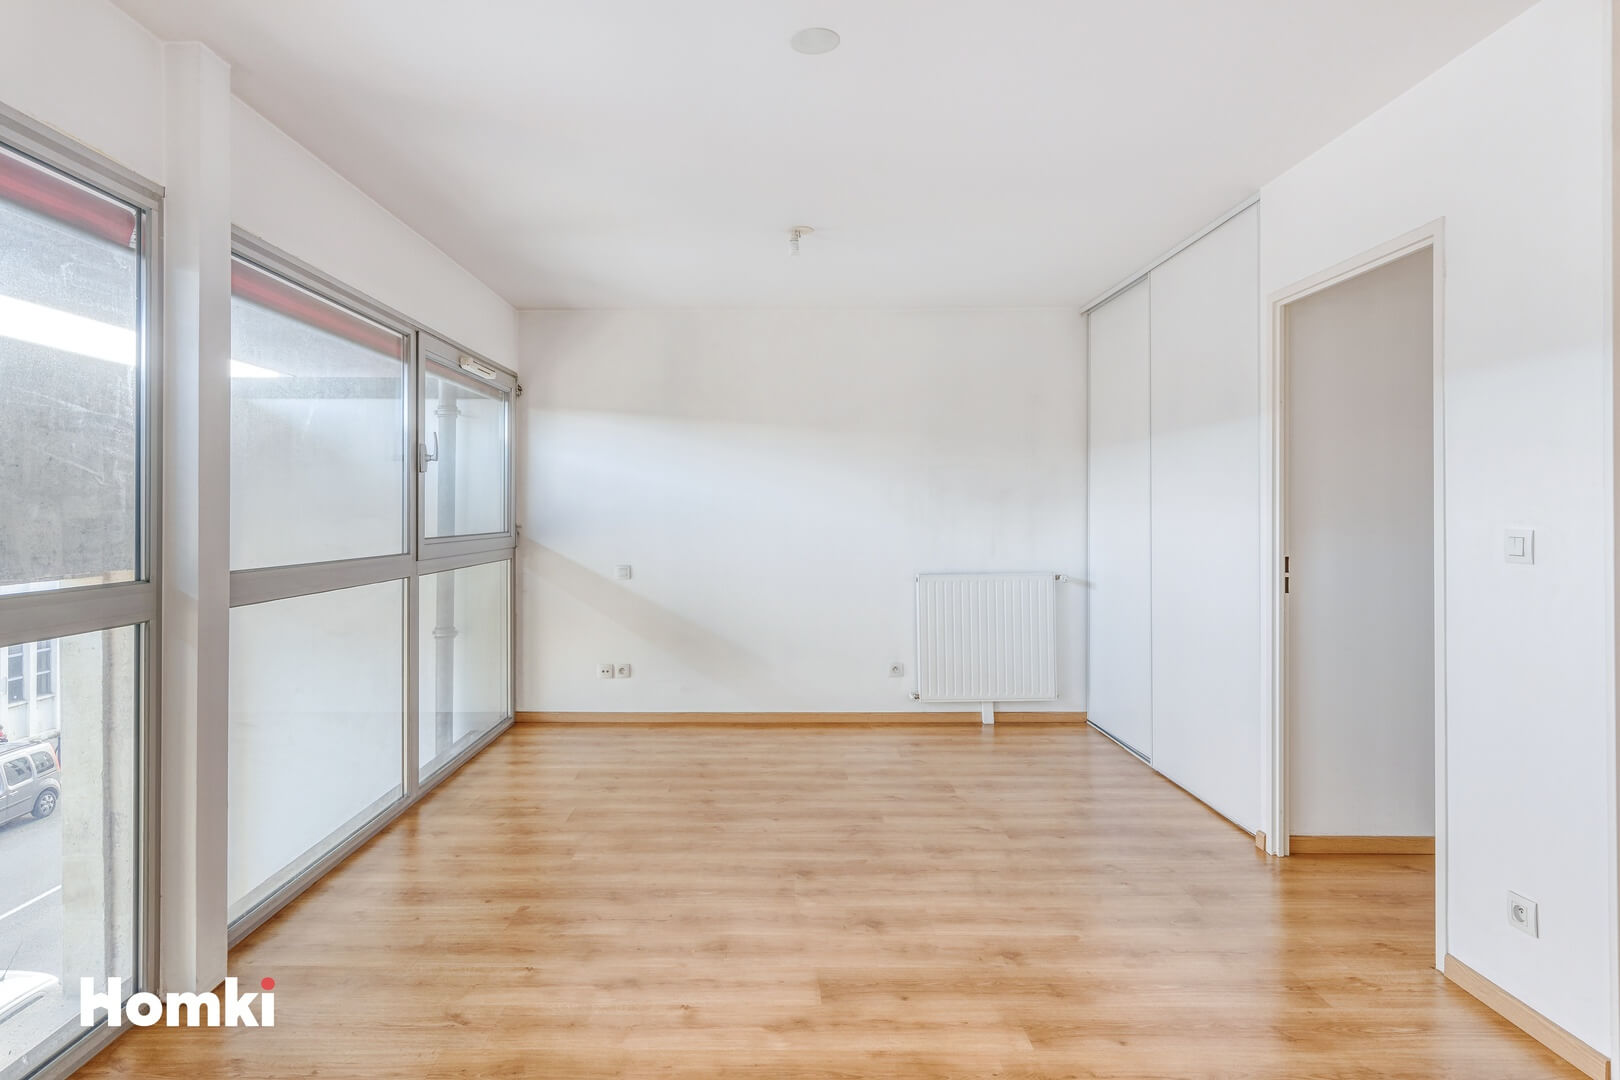 Homki - Vente Appartement  de 100.0 m² à Bordeaux 33300